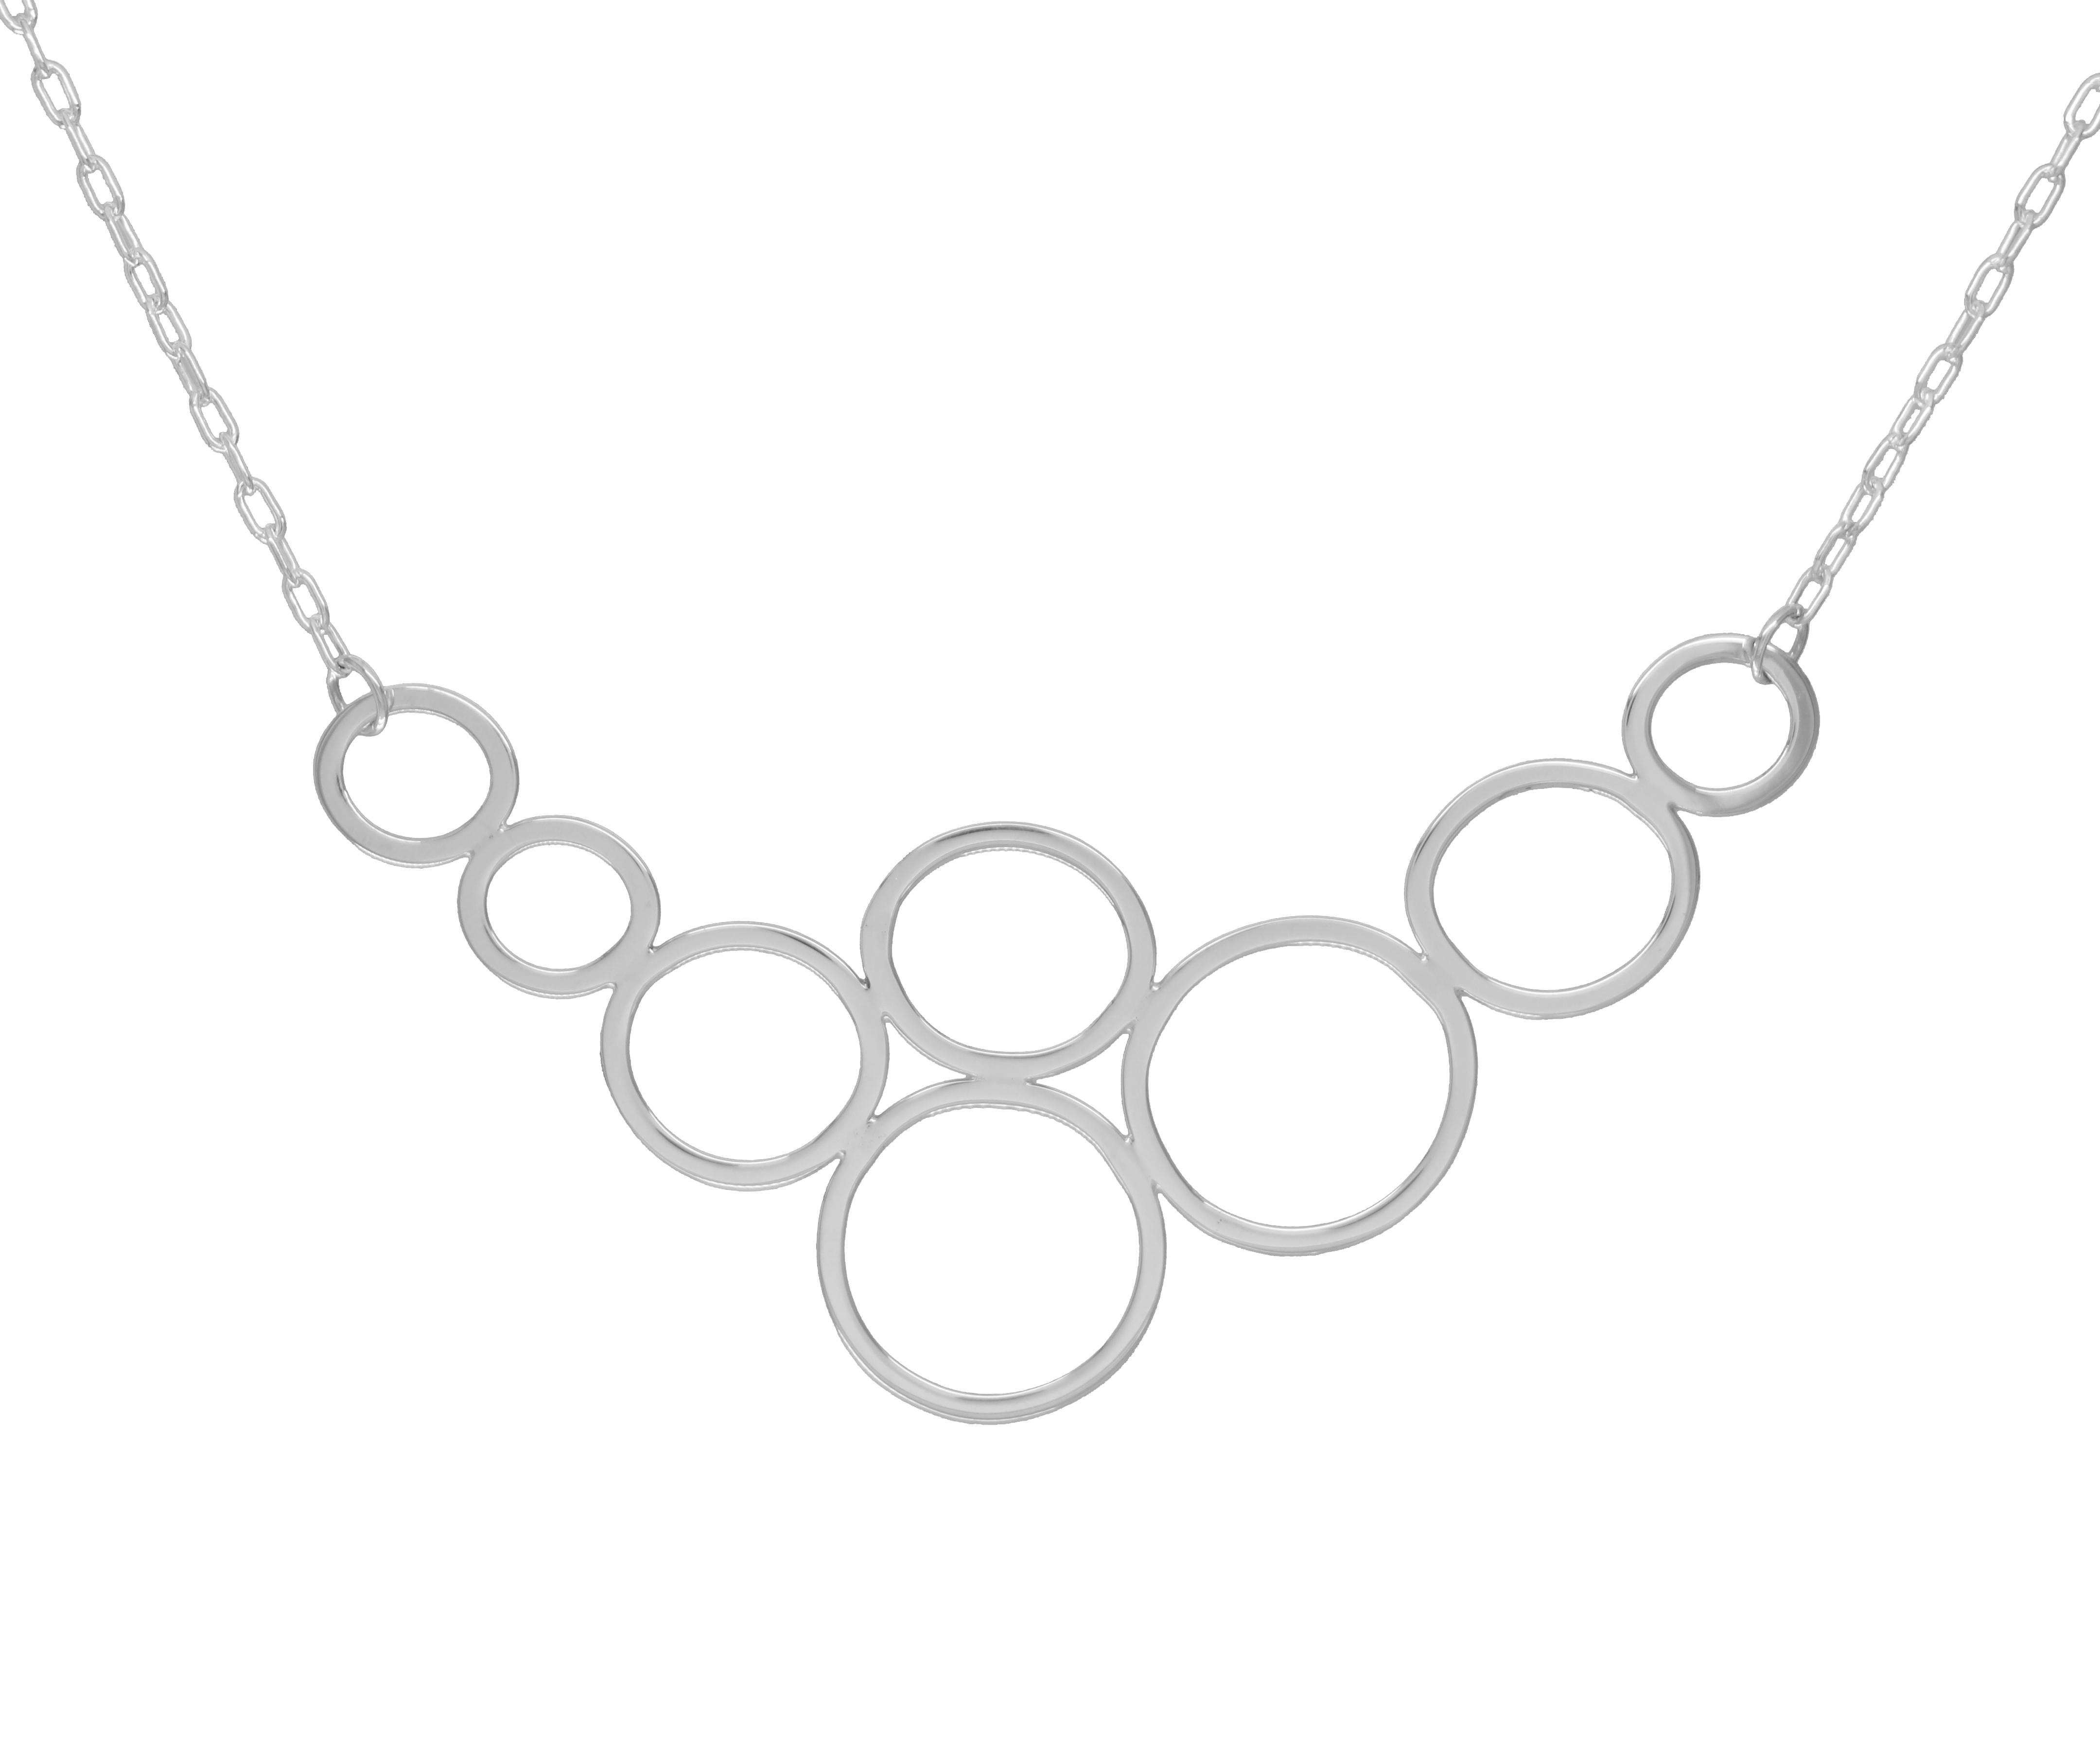 Ovals neckpiece